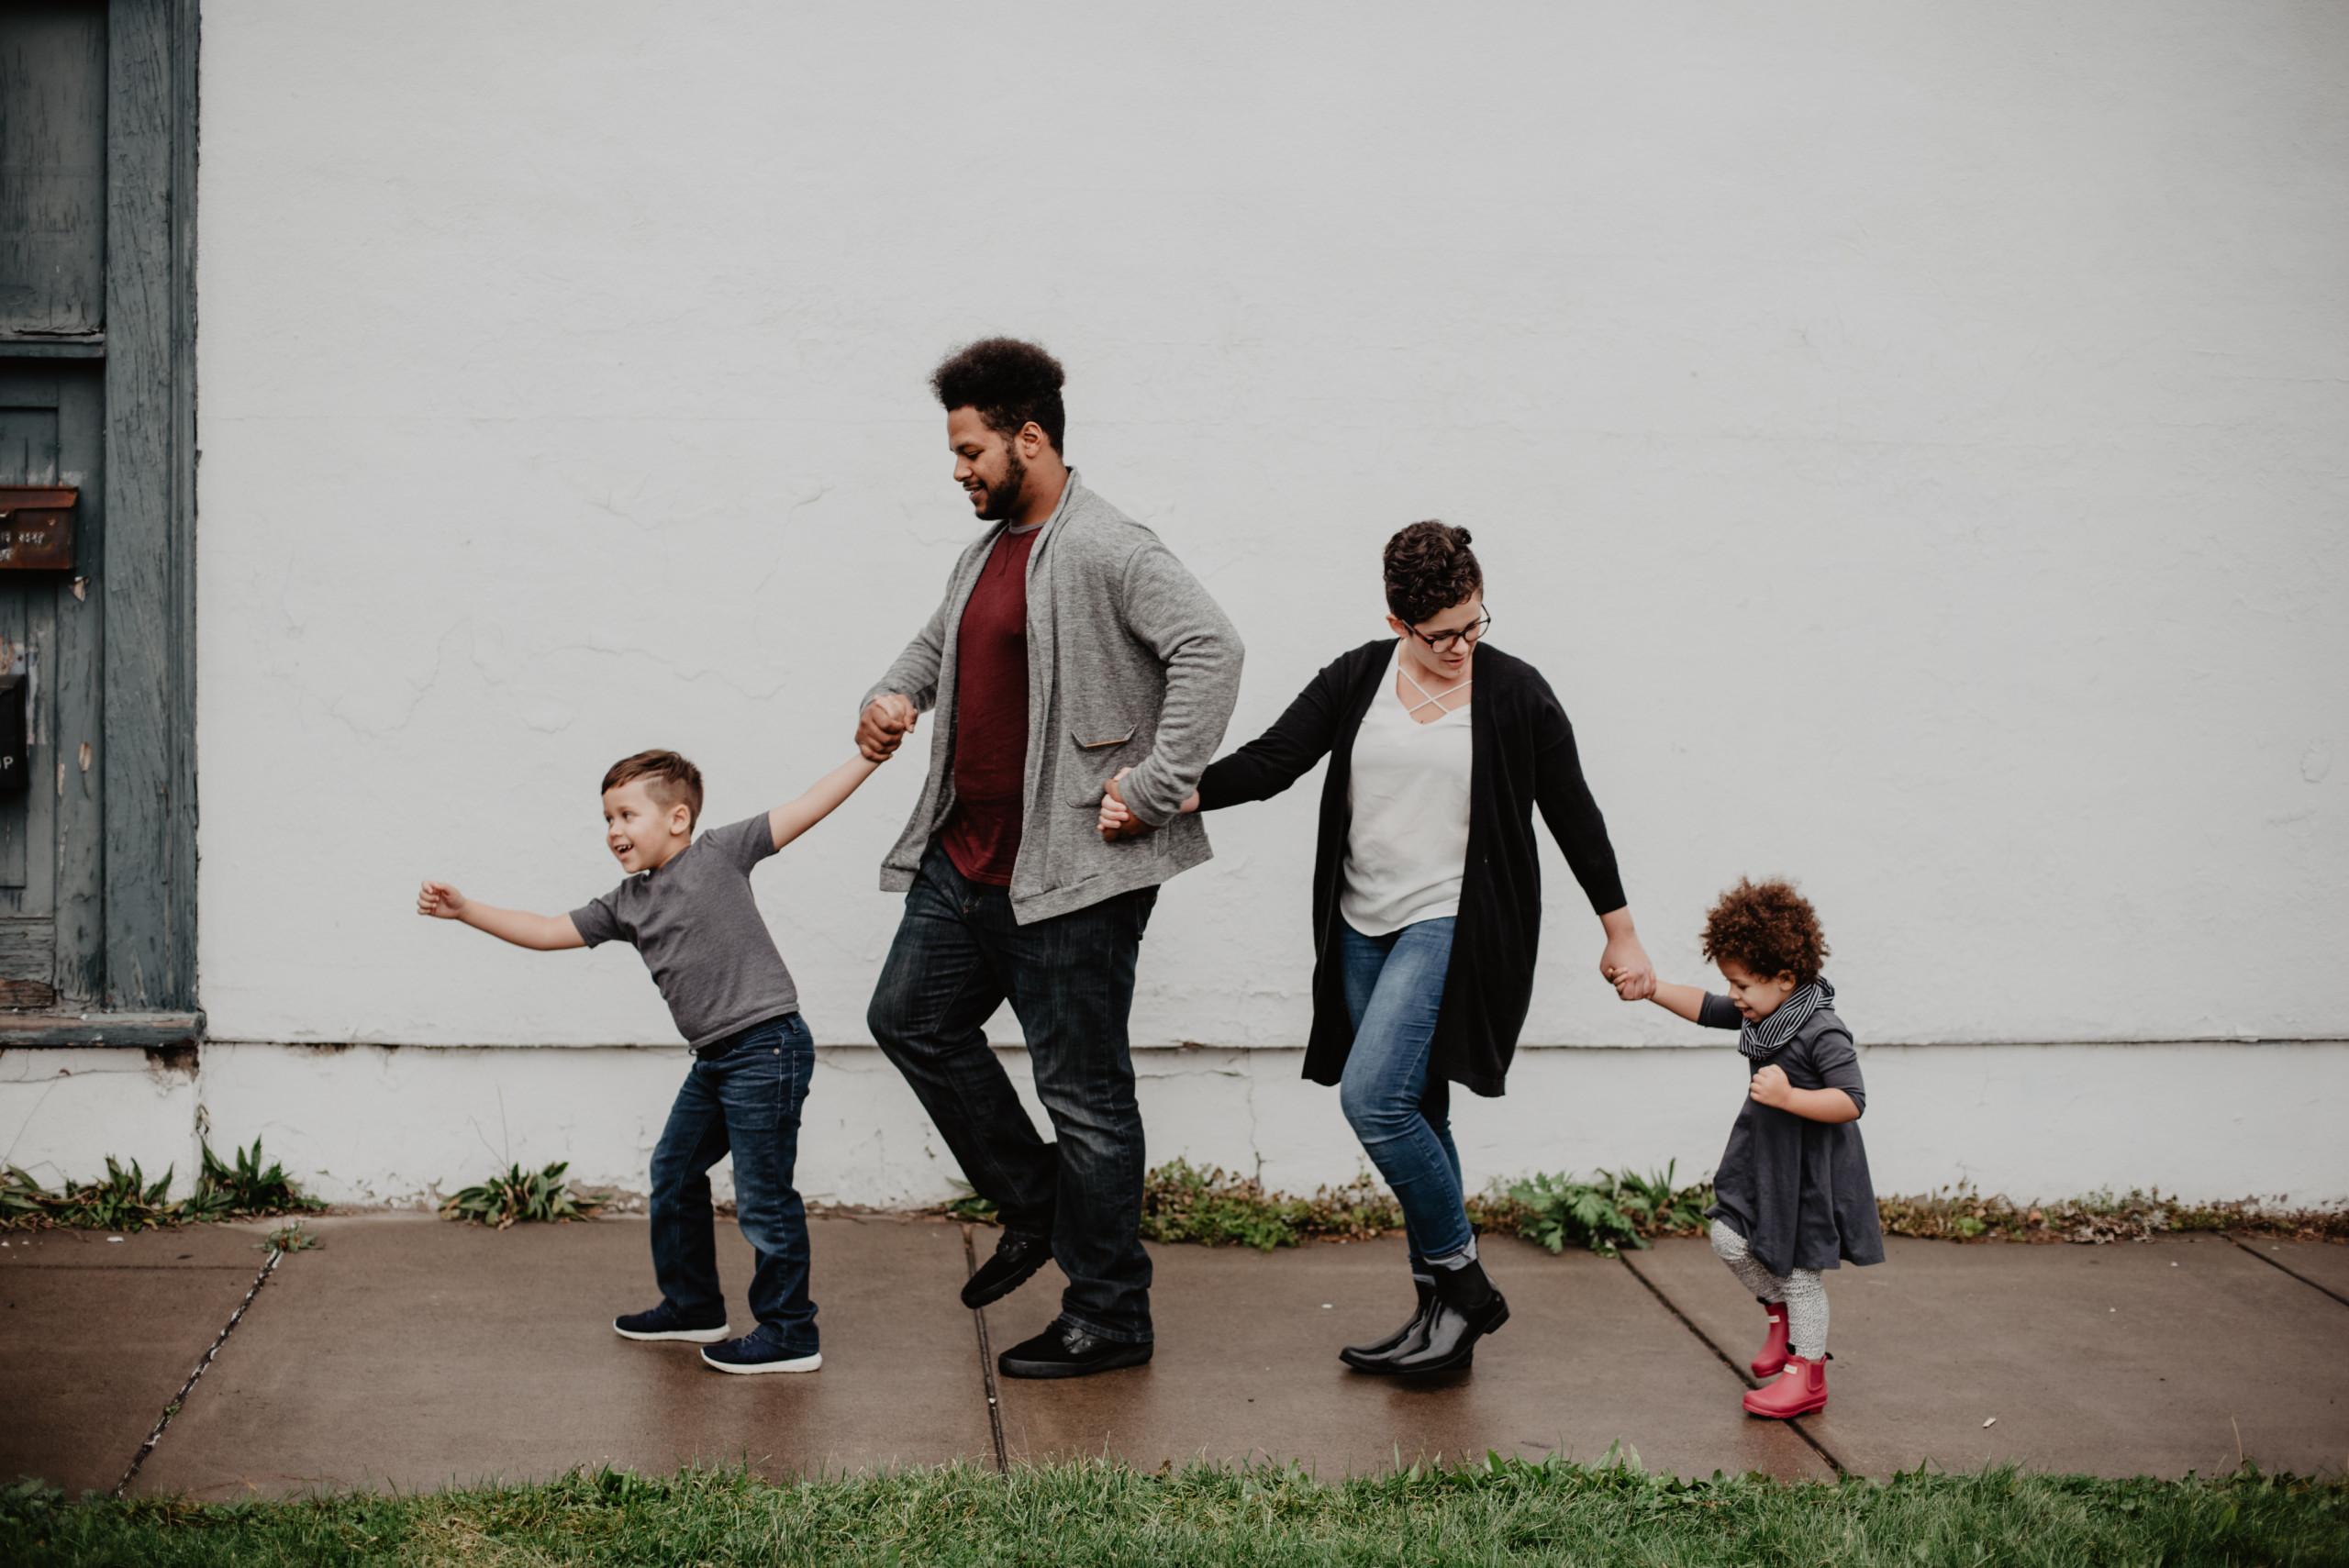 Eine mehrsprachige Familie beim Spaziergang